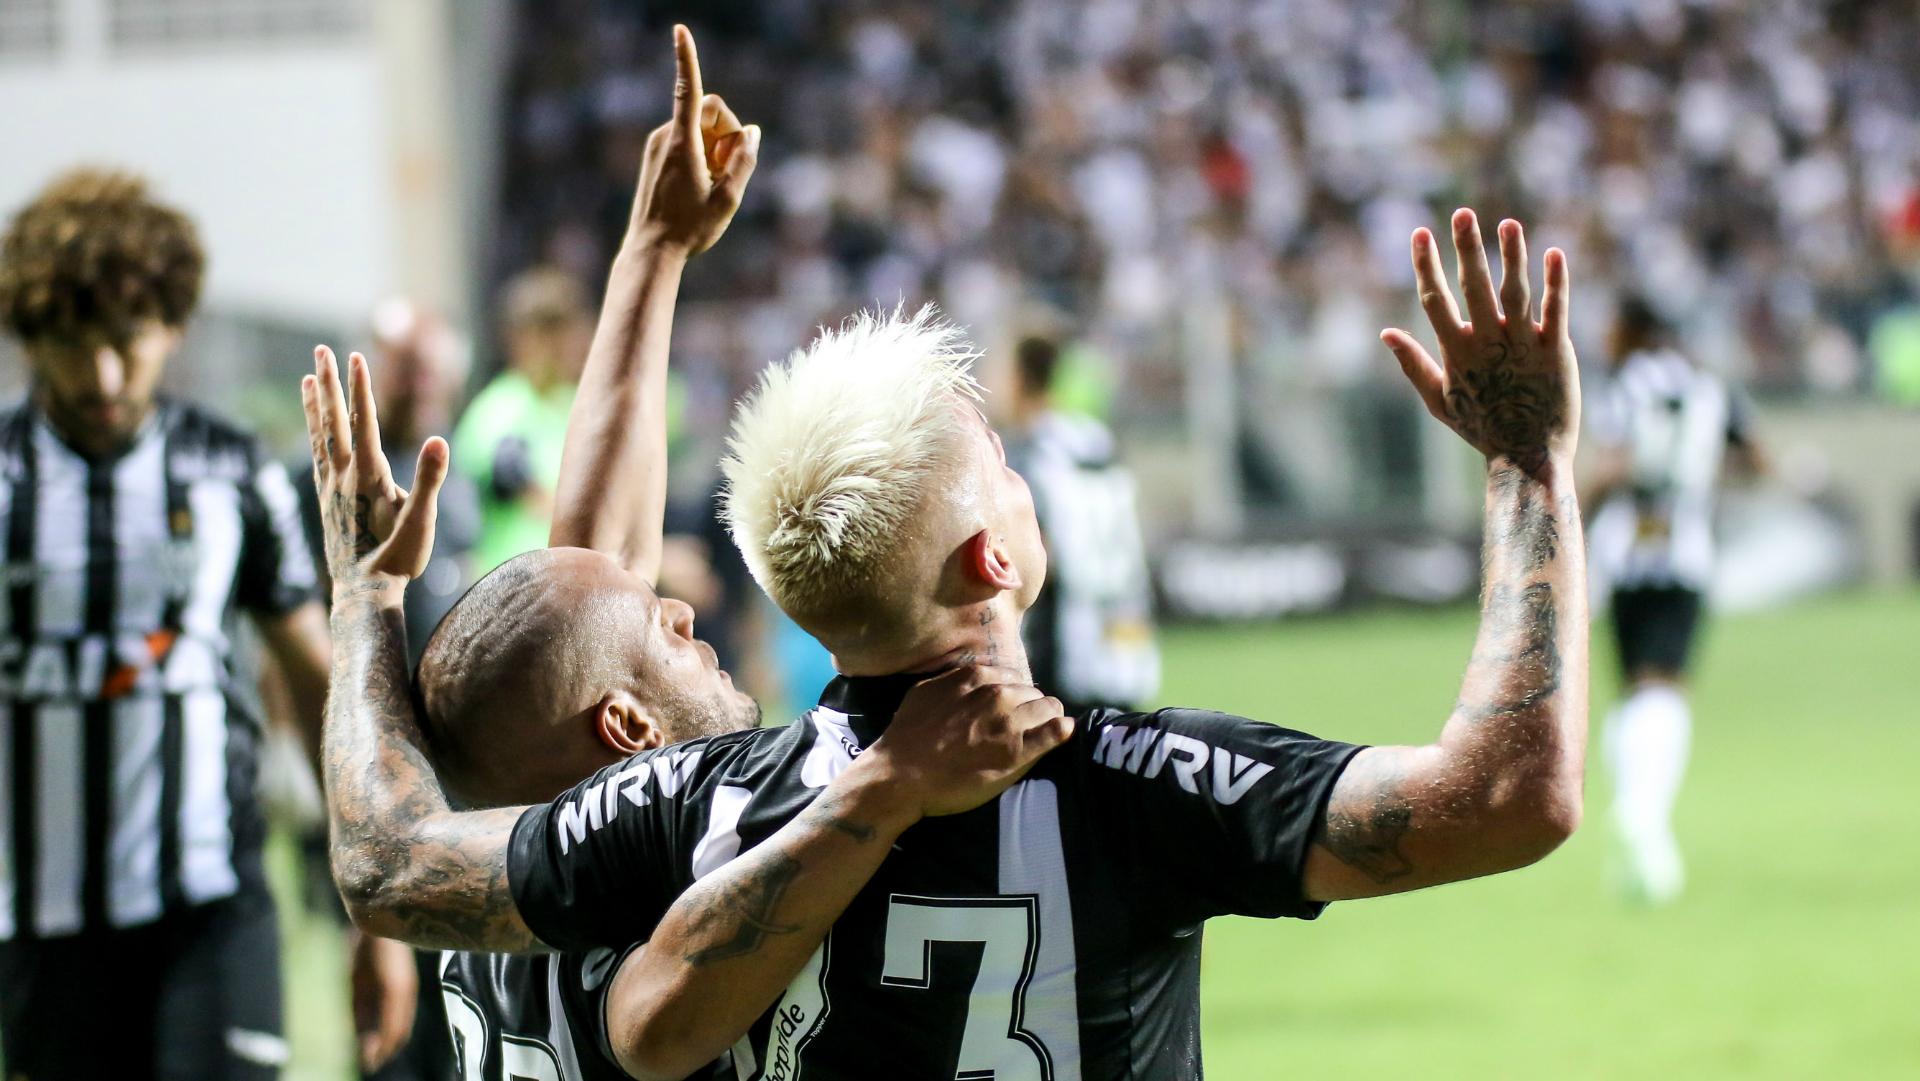 Róger Guedes Patric Atlético-MG Corinthians Campeonato Brasileiro 29042018